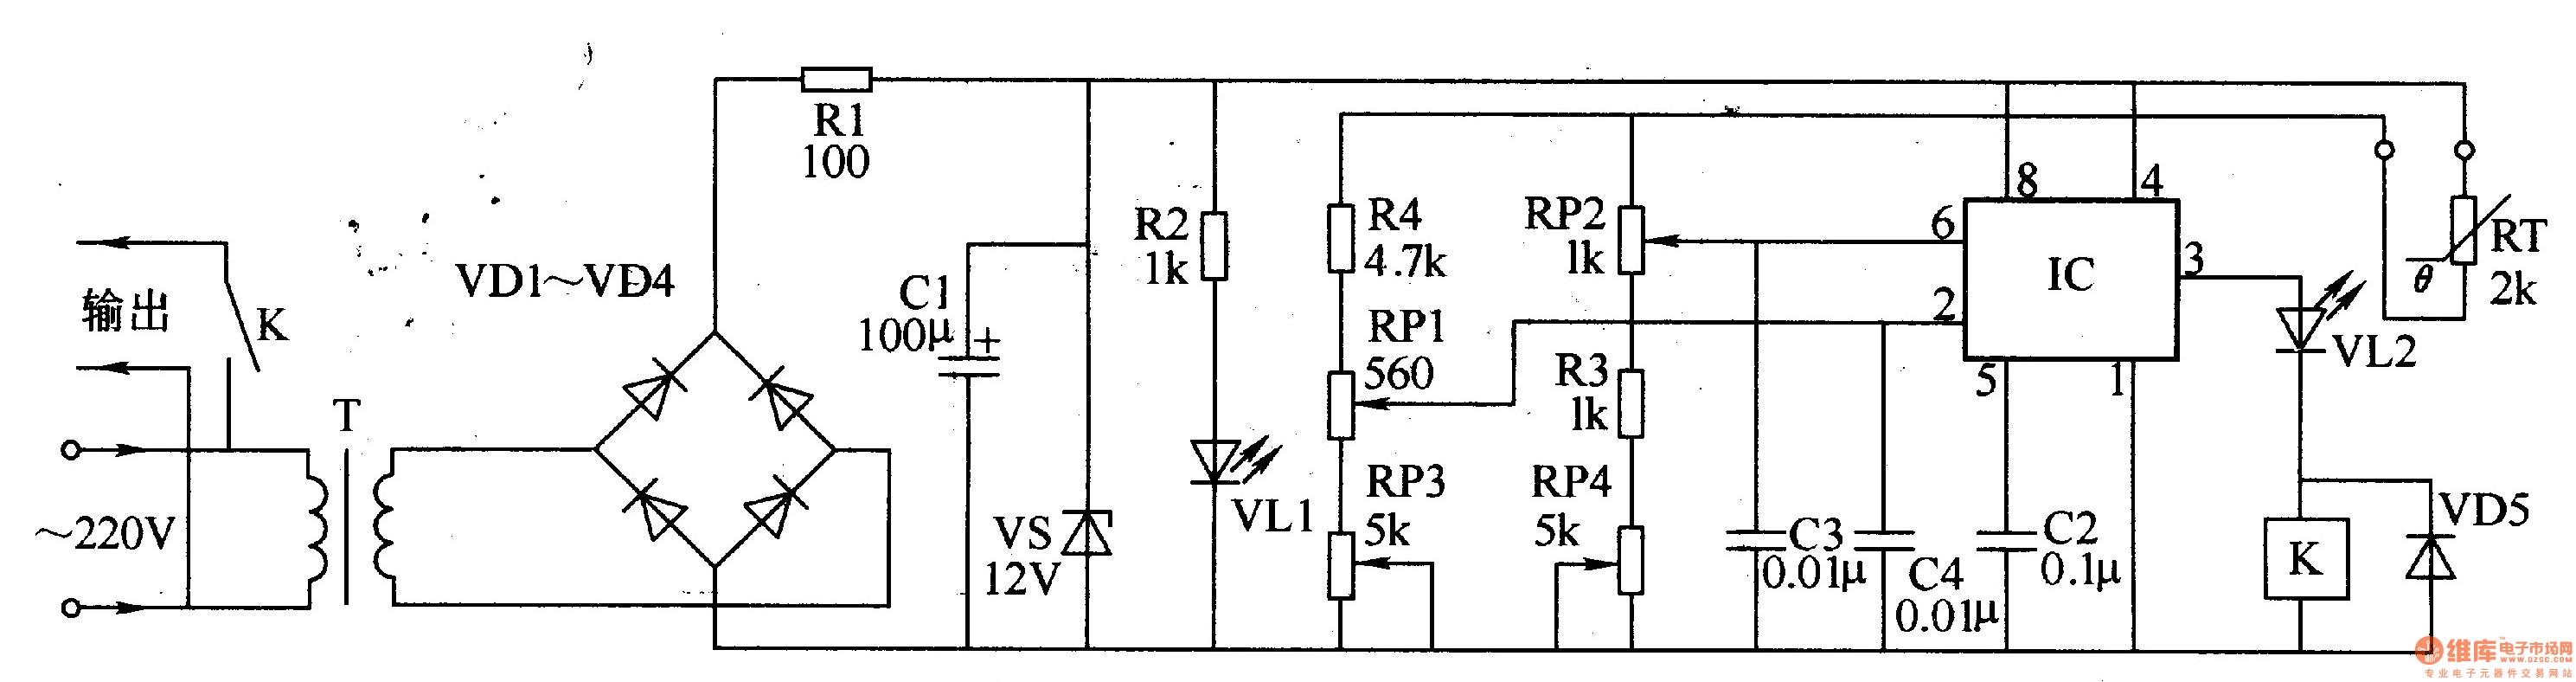 电源电路由电源变压器t、整流二极管vd1-vd4、电阻器b1、电源指示发光二极管vl1、滤波电容器c1和稳压二极管vs等组成。 温度检测与控制电路由热敏电阻器rt、时基集成电路ic、电位器rpl。rp2、电阻器 r2、r4电容器c2-c4、继电器k1、二极管vd5和发光二极管vl2组成。 交流220v电压经t降压、vd1-vd4整流、cl滤波及vs稳压后,产生12v(vcc)直 流电压,作为ic的工作电源。同时,将vll点亮。 ic的6脚作为基准电压端,2脚作为温度检测控制端,3脚为控制输出端。rpl用